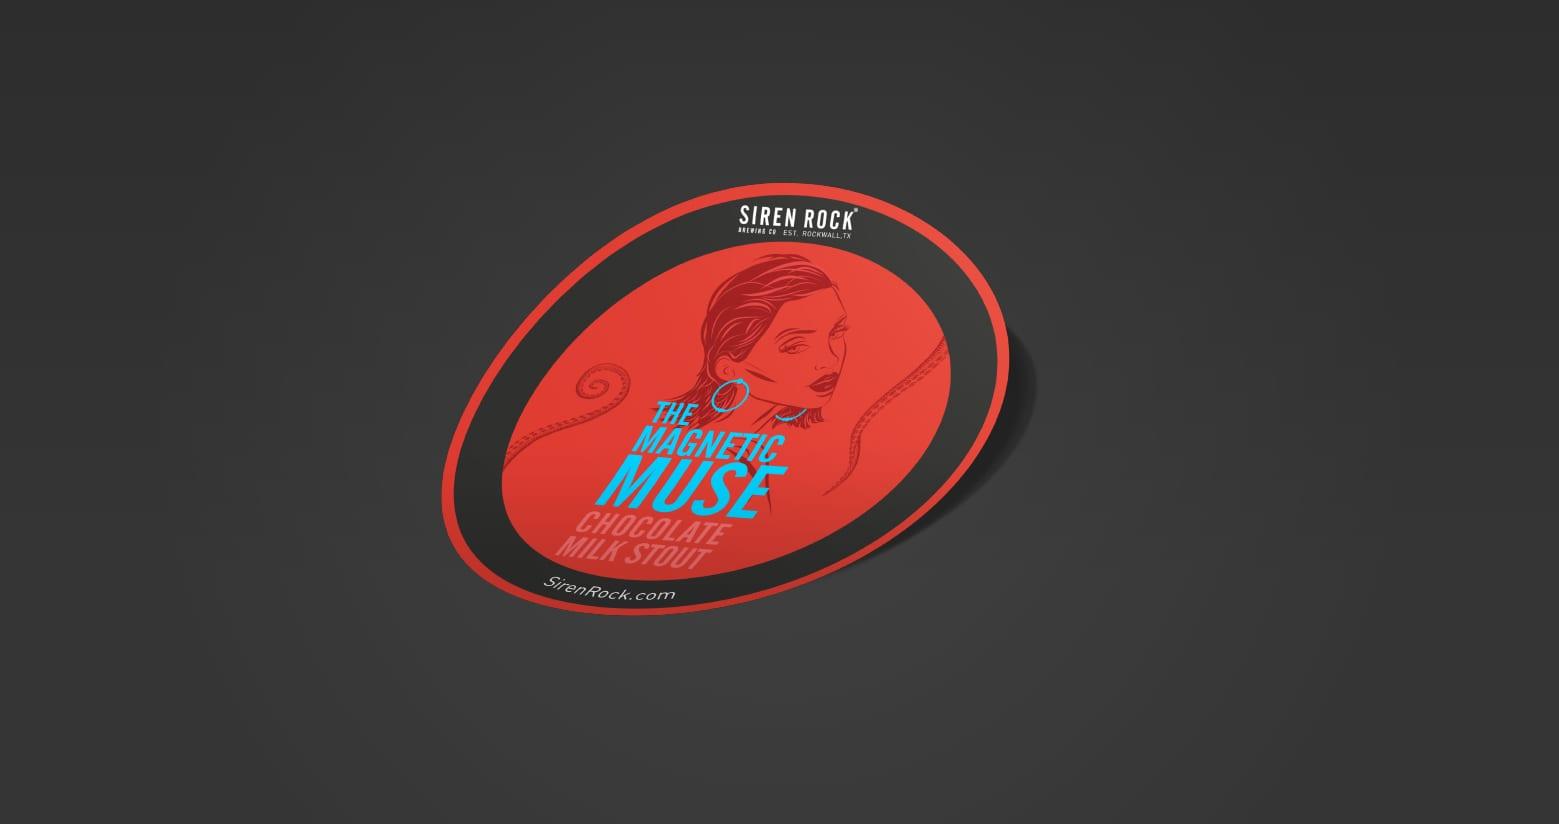 Siren Rock sticker Design